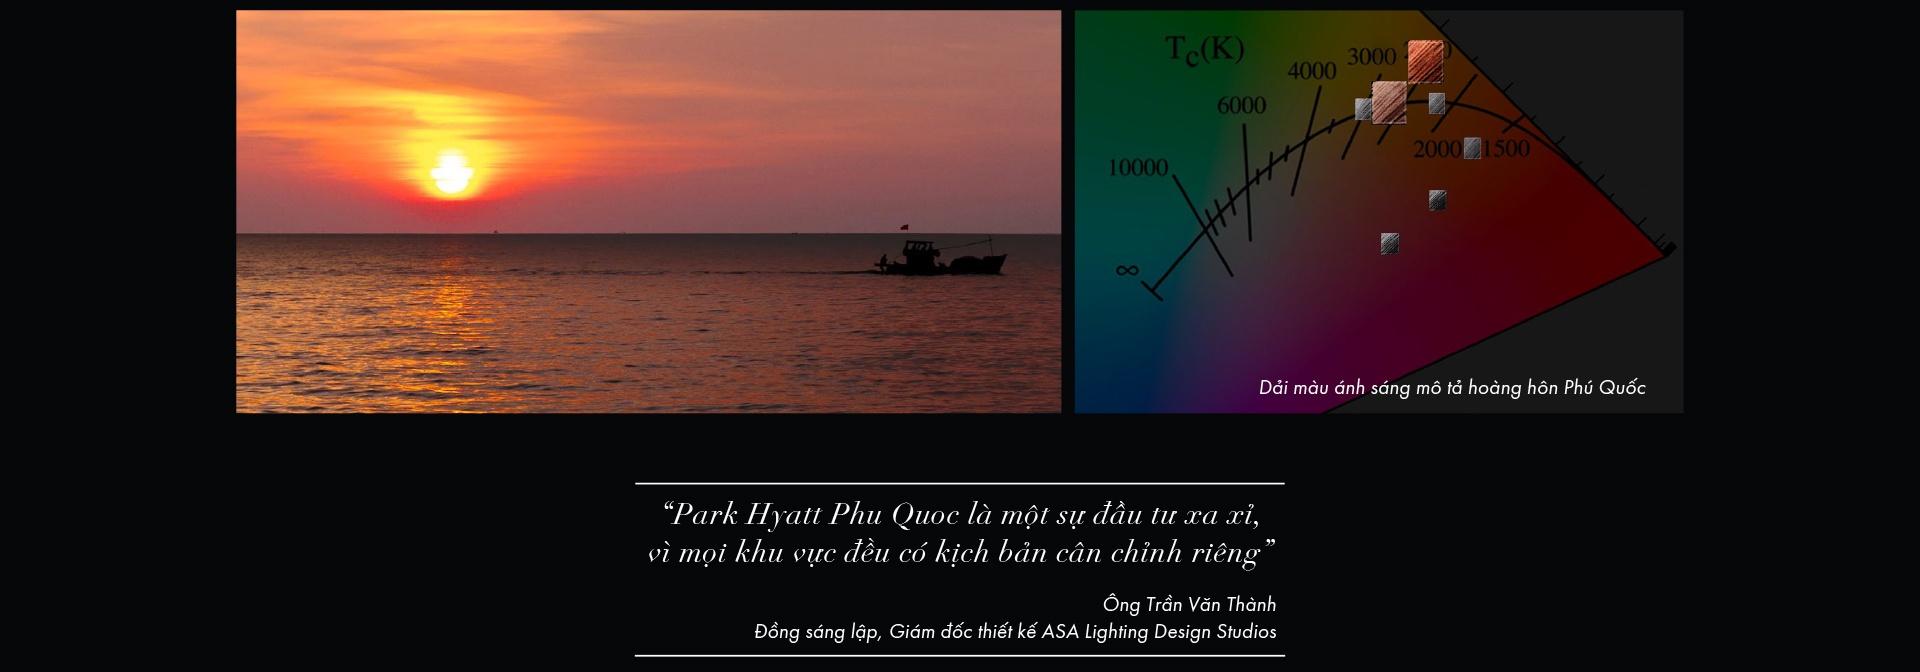 - 01_copy_1 - 'Chưa dự án nào được thiết kế ánh sáng như Park Hyatt Phu Quoc'